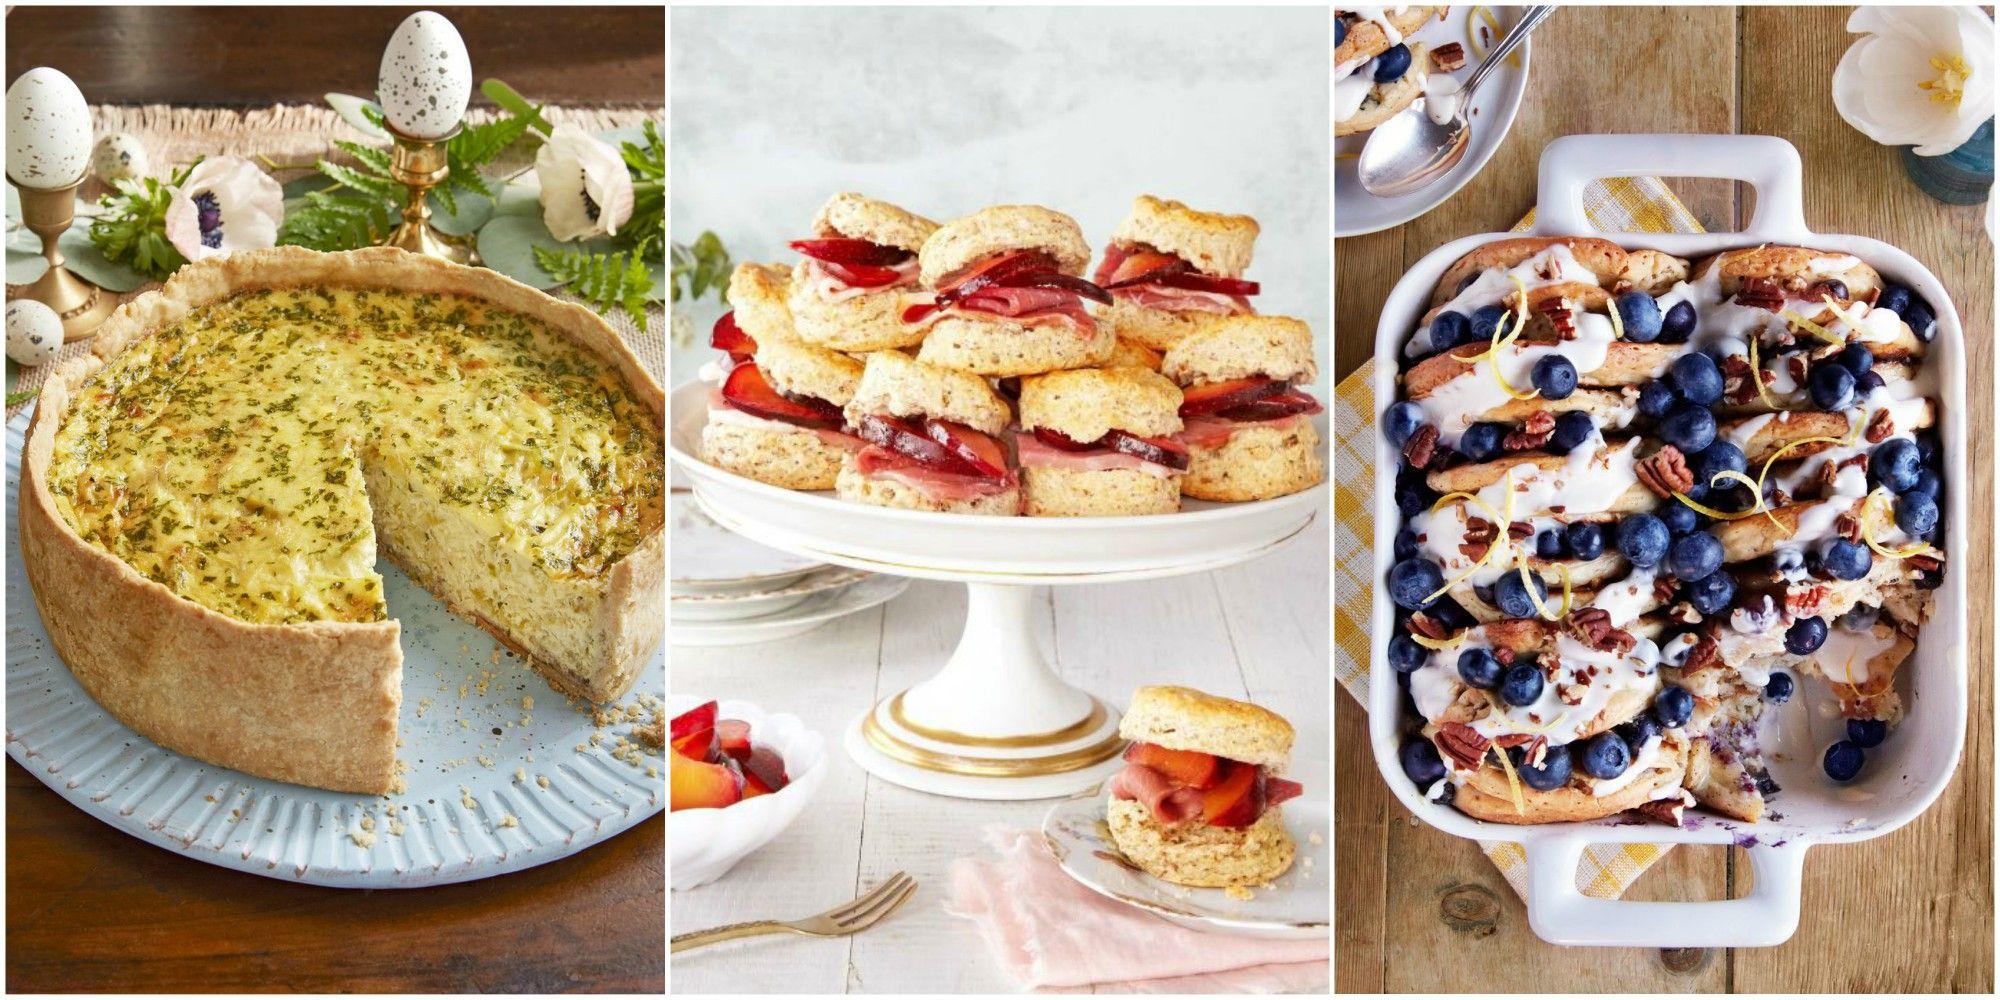 40+ Best Easter Brunch Recipes   Menu Ideas for Easter Brunch